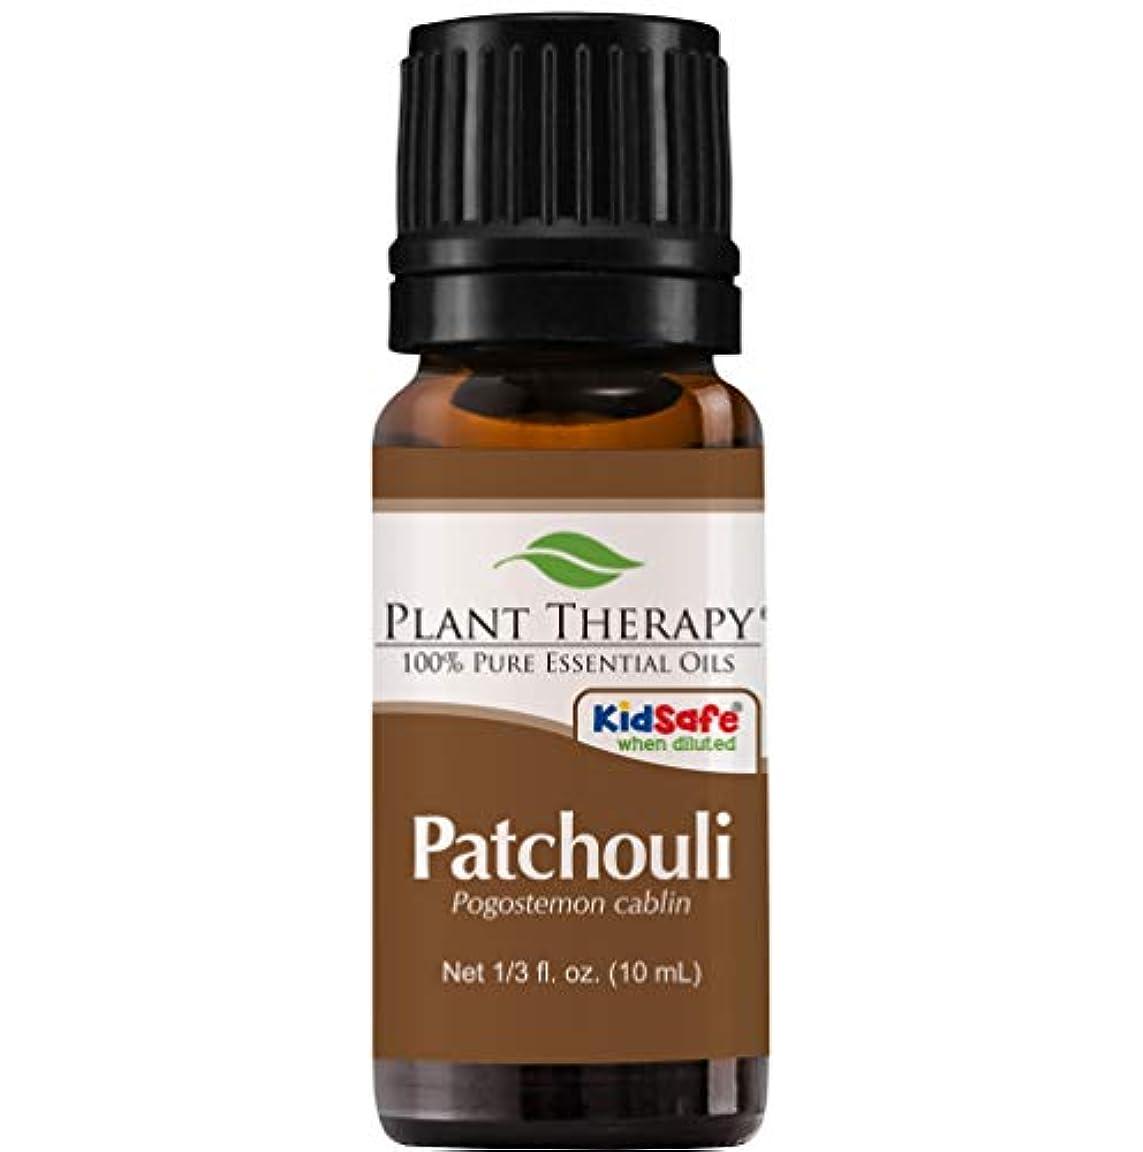 ベットビリーヤギ宗教Plant Therapy Essential Oils (プラントセラピー エッセンシャルオイル) パチョリ エッセンシャルオイル